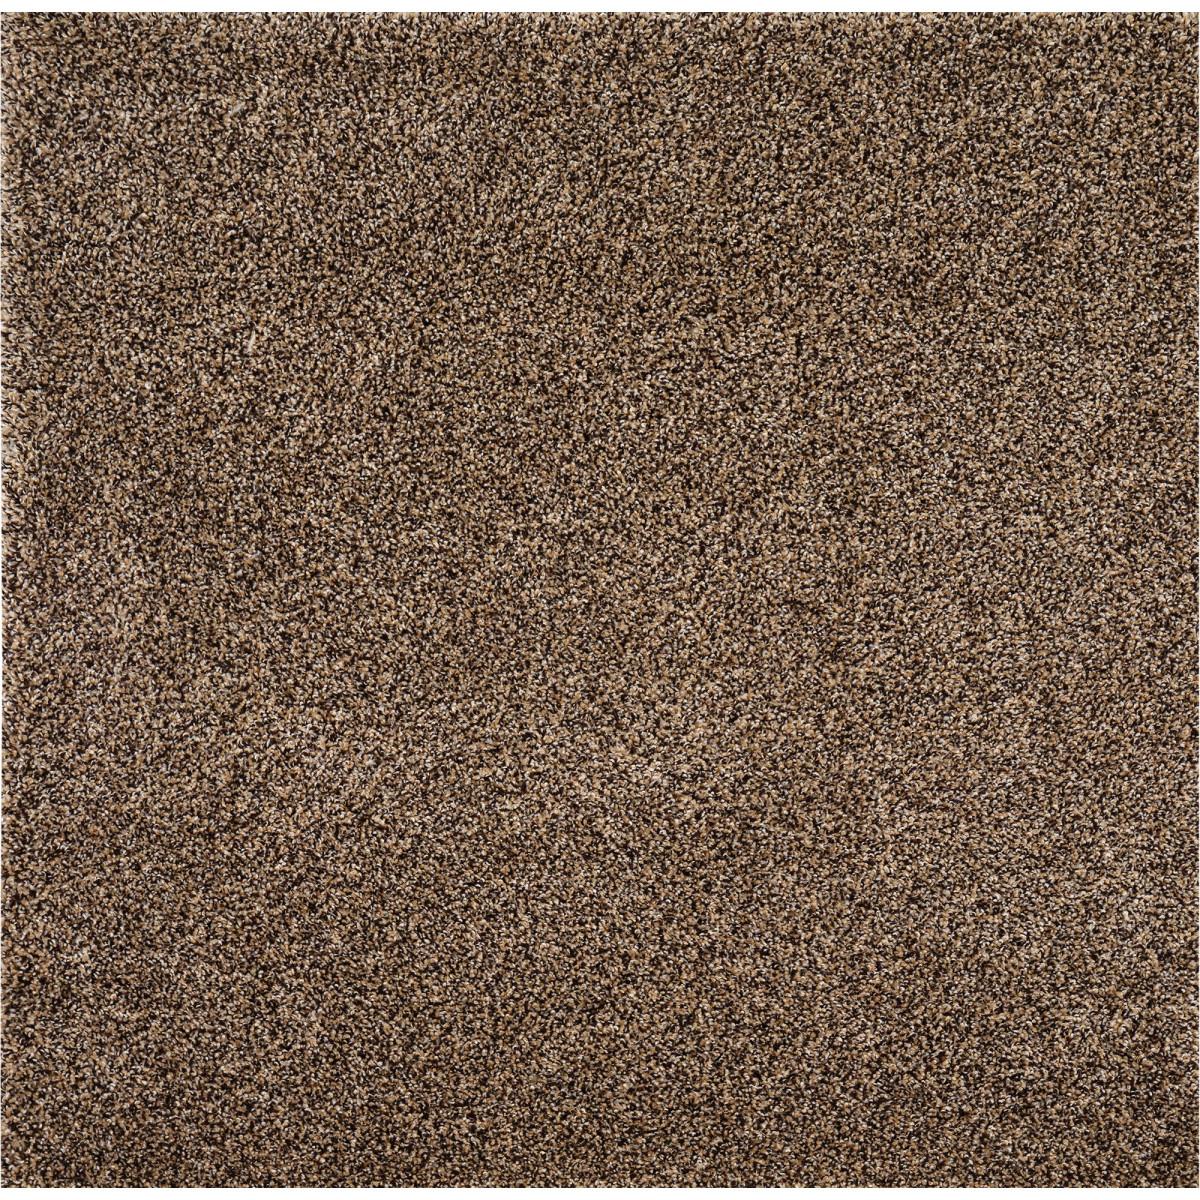 Ковровое покрытие Шегги Фьюжн 80209-48114 3 м цвет светло-коричневый